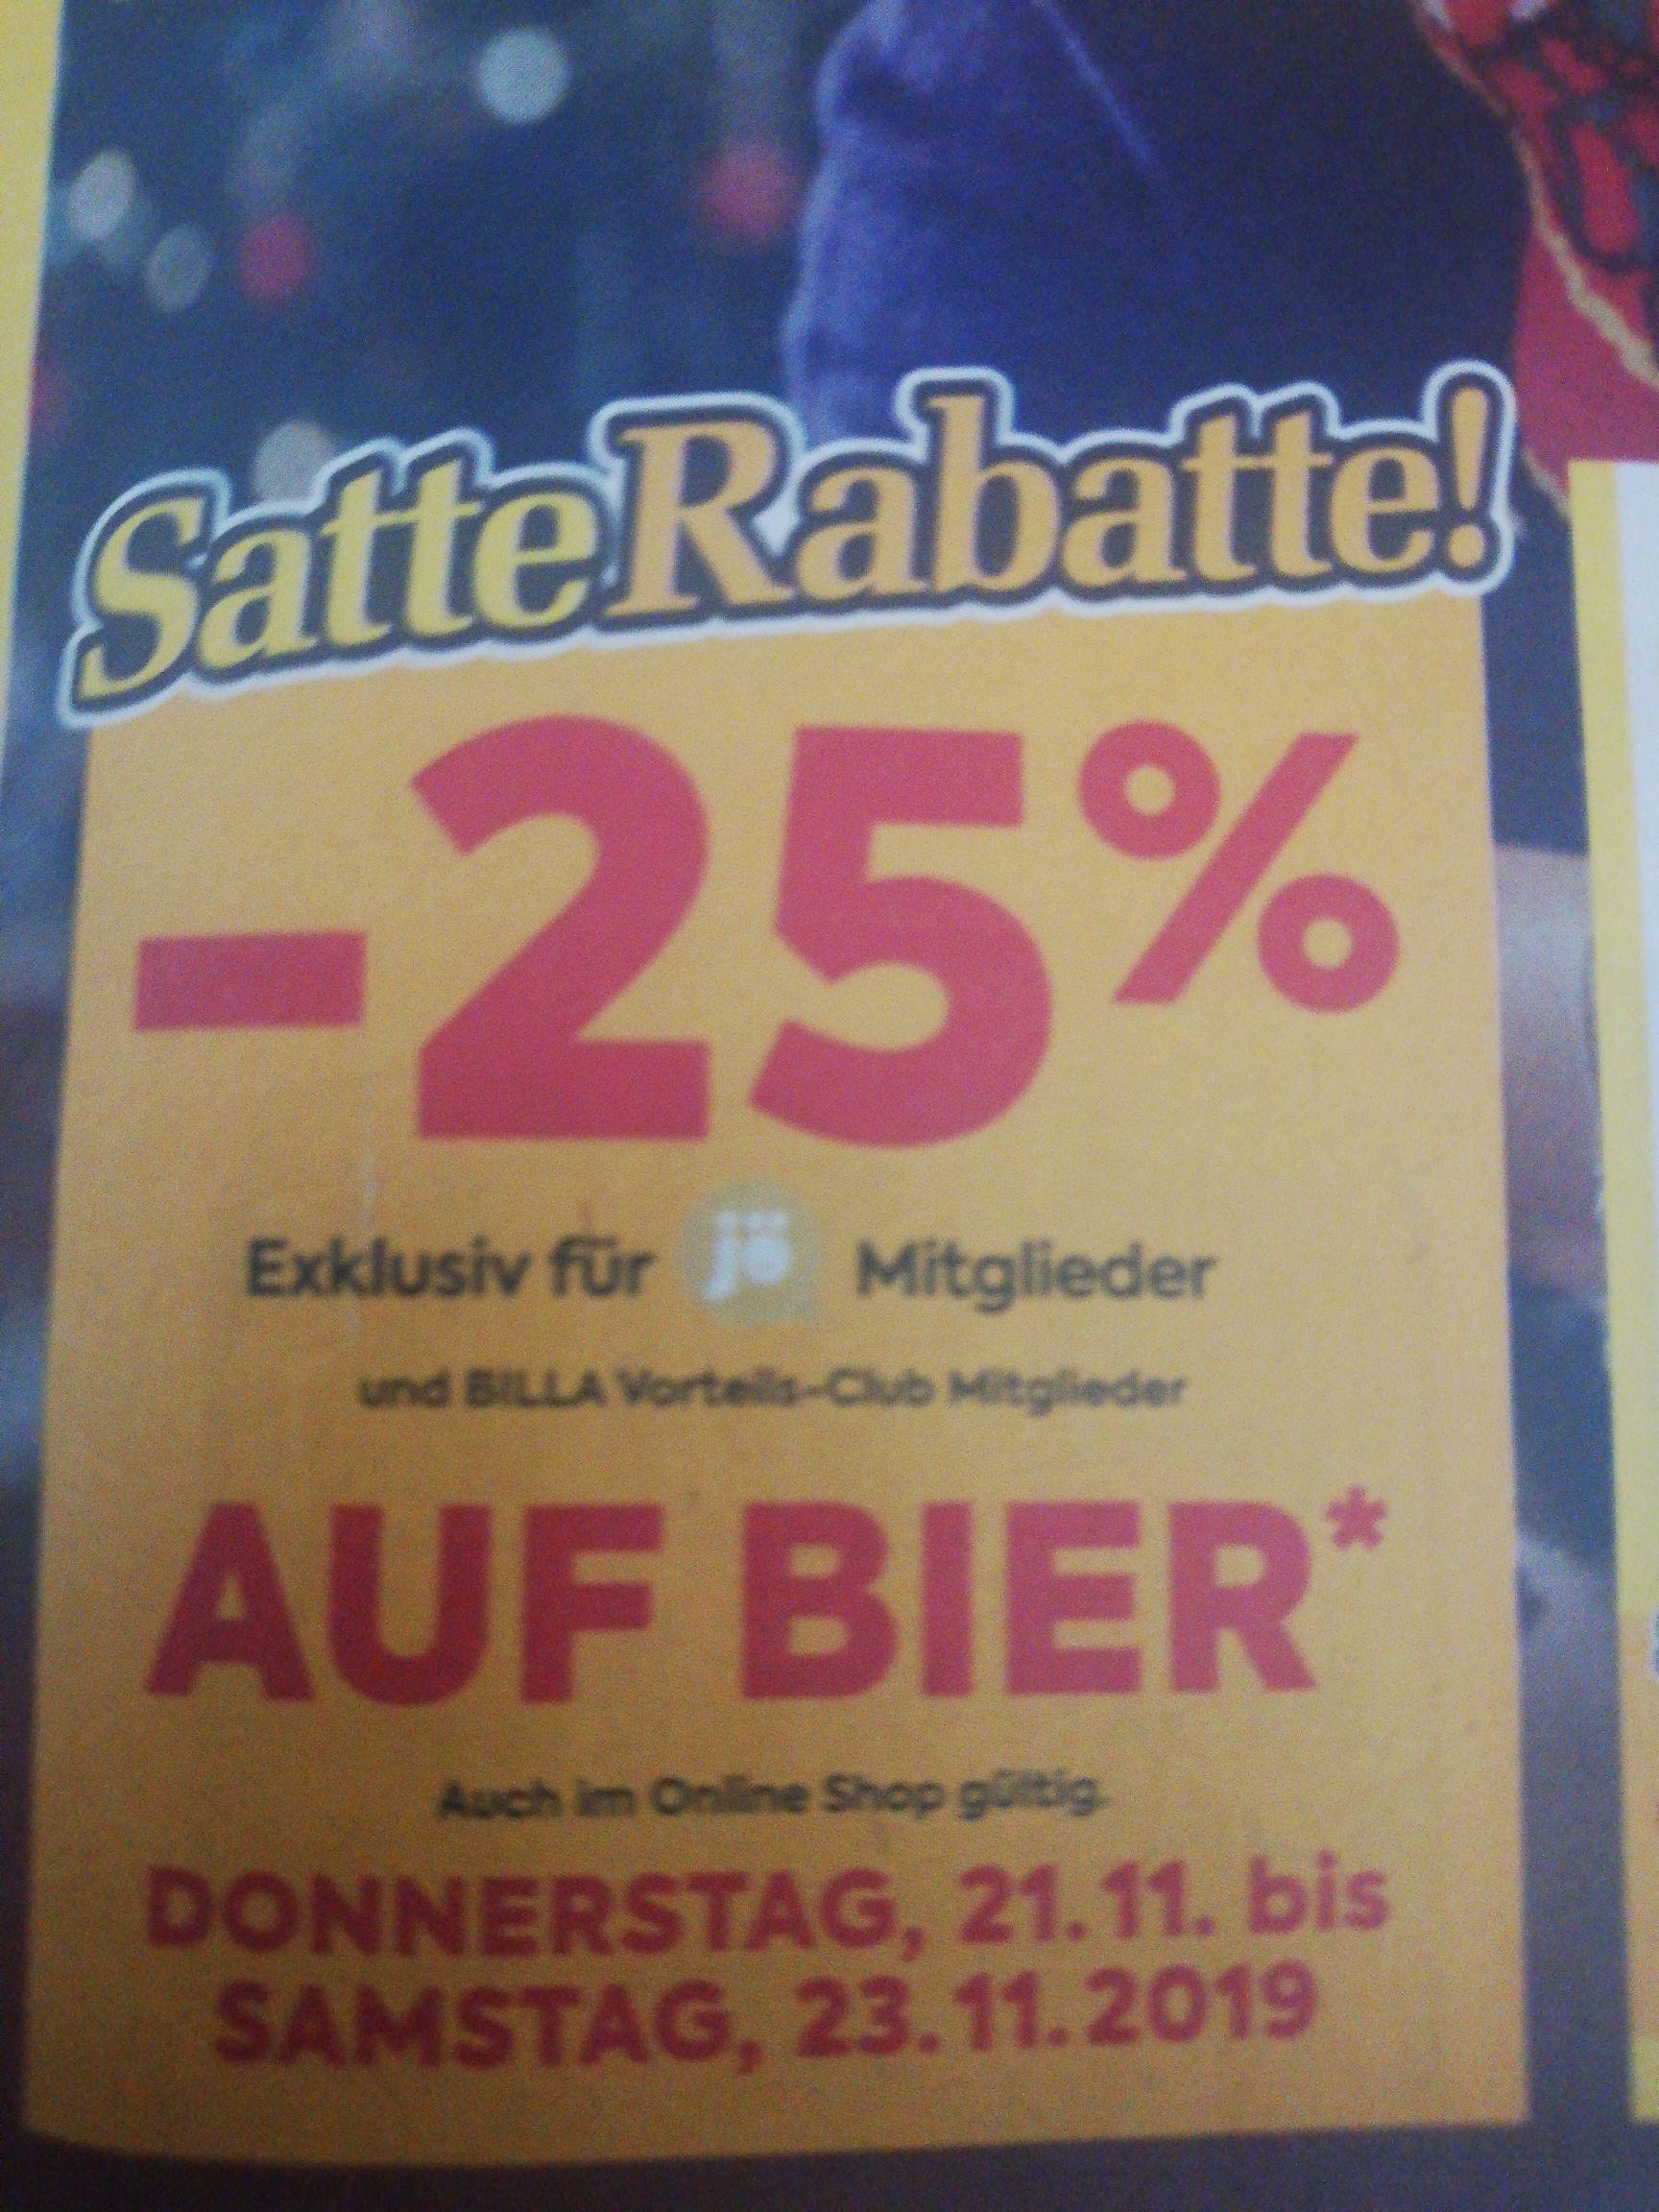 Billa - 25% auf Bier für Mitglieder Jö und Billa mitglieder // -25% auf Tiefkühlprodukte